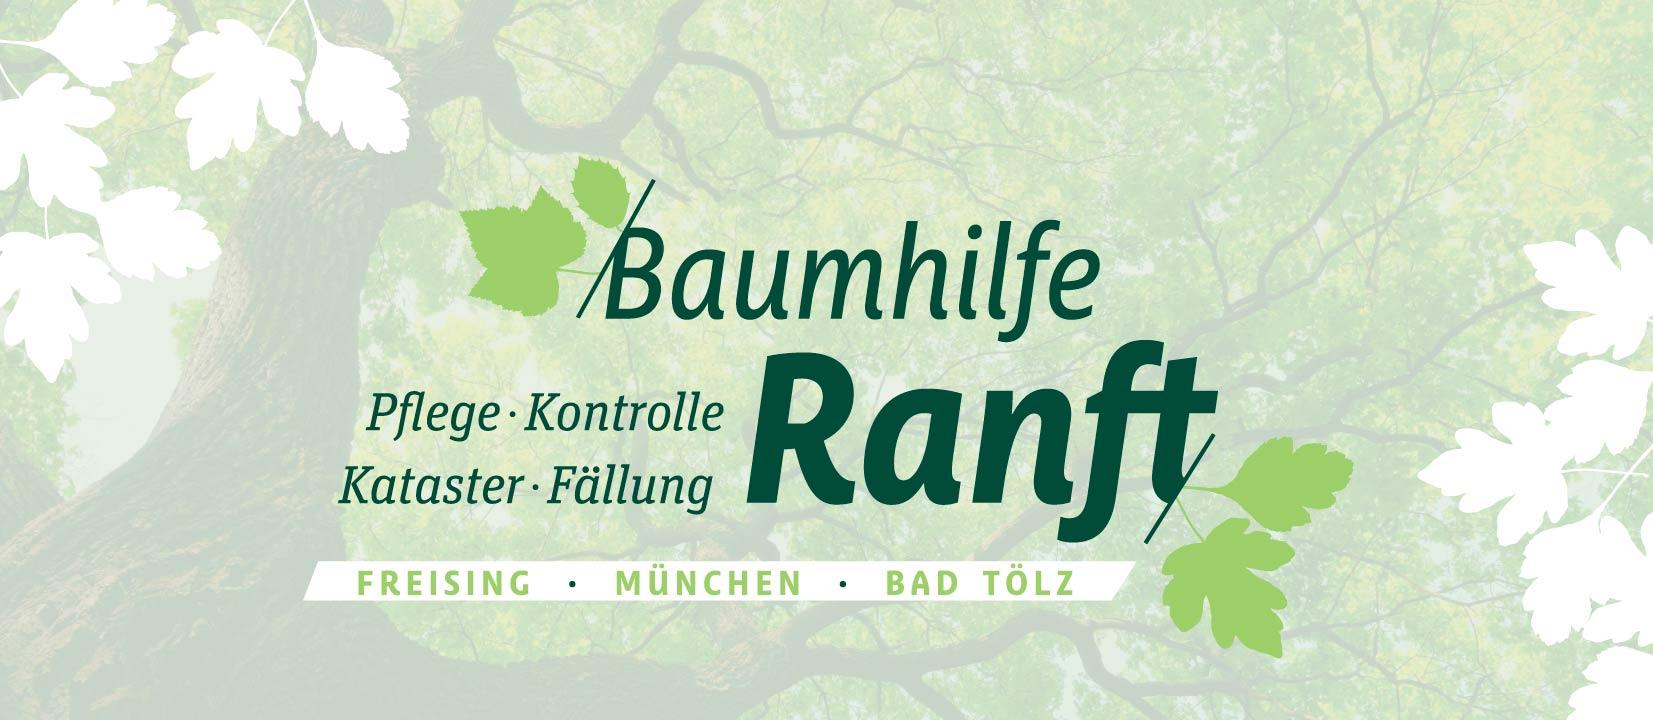 Logo Baumhilfe Ranft - Baumpflege Baumkontrolle Kataster Baumfällung Fällung Freising München Bad Tölz